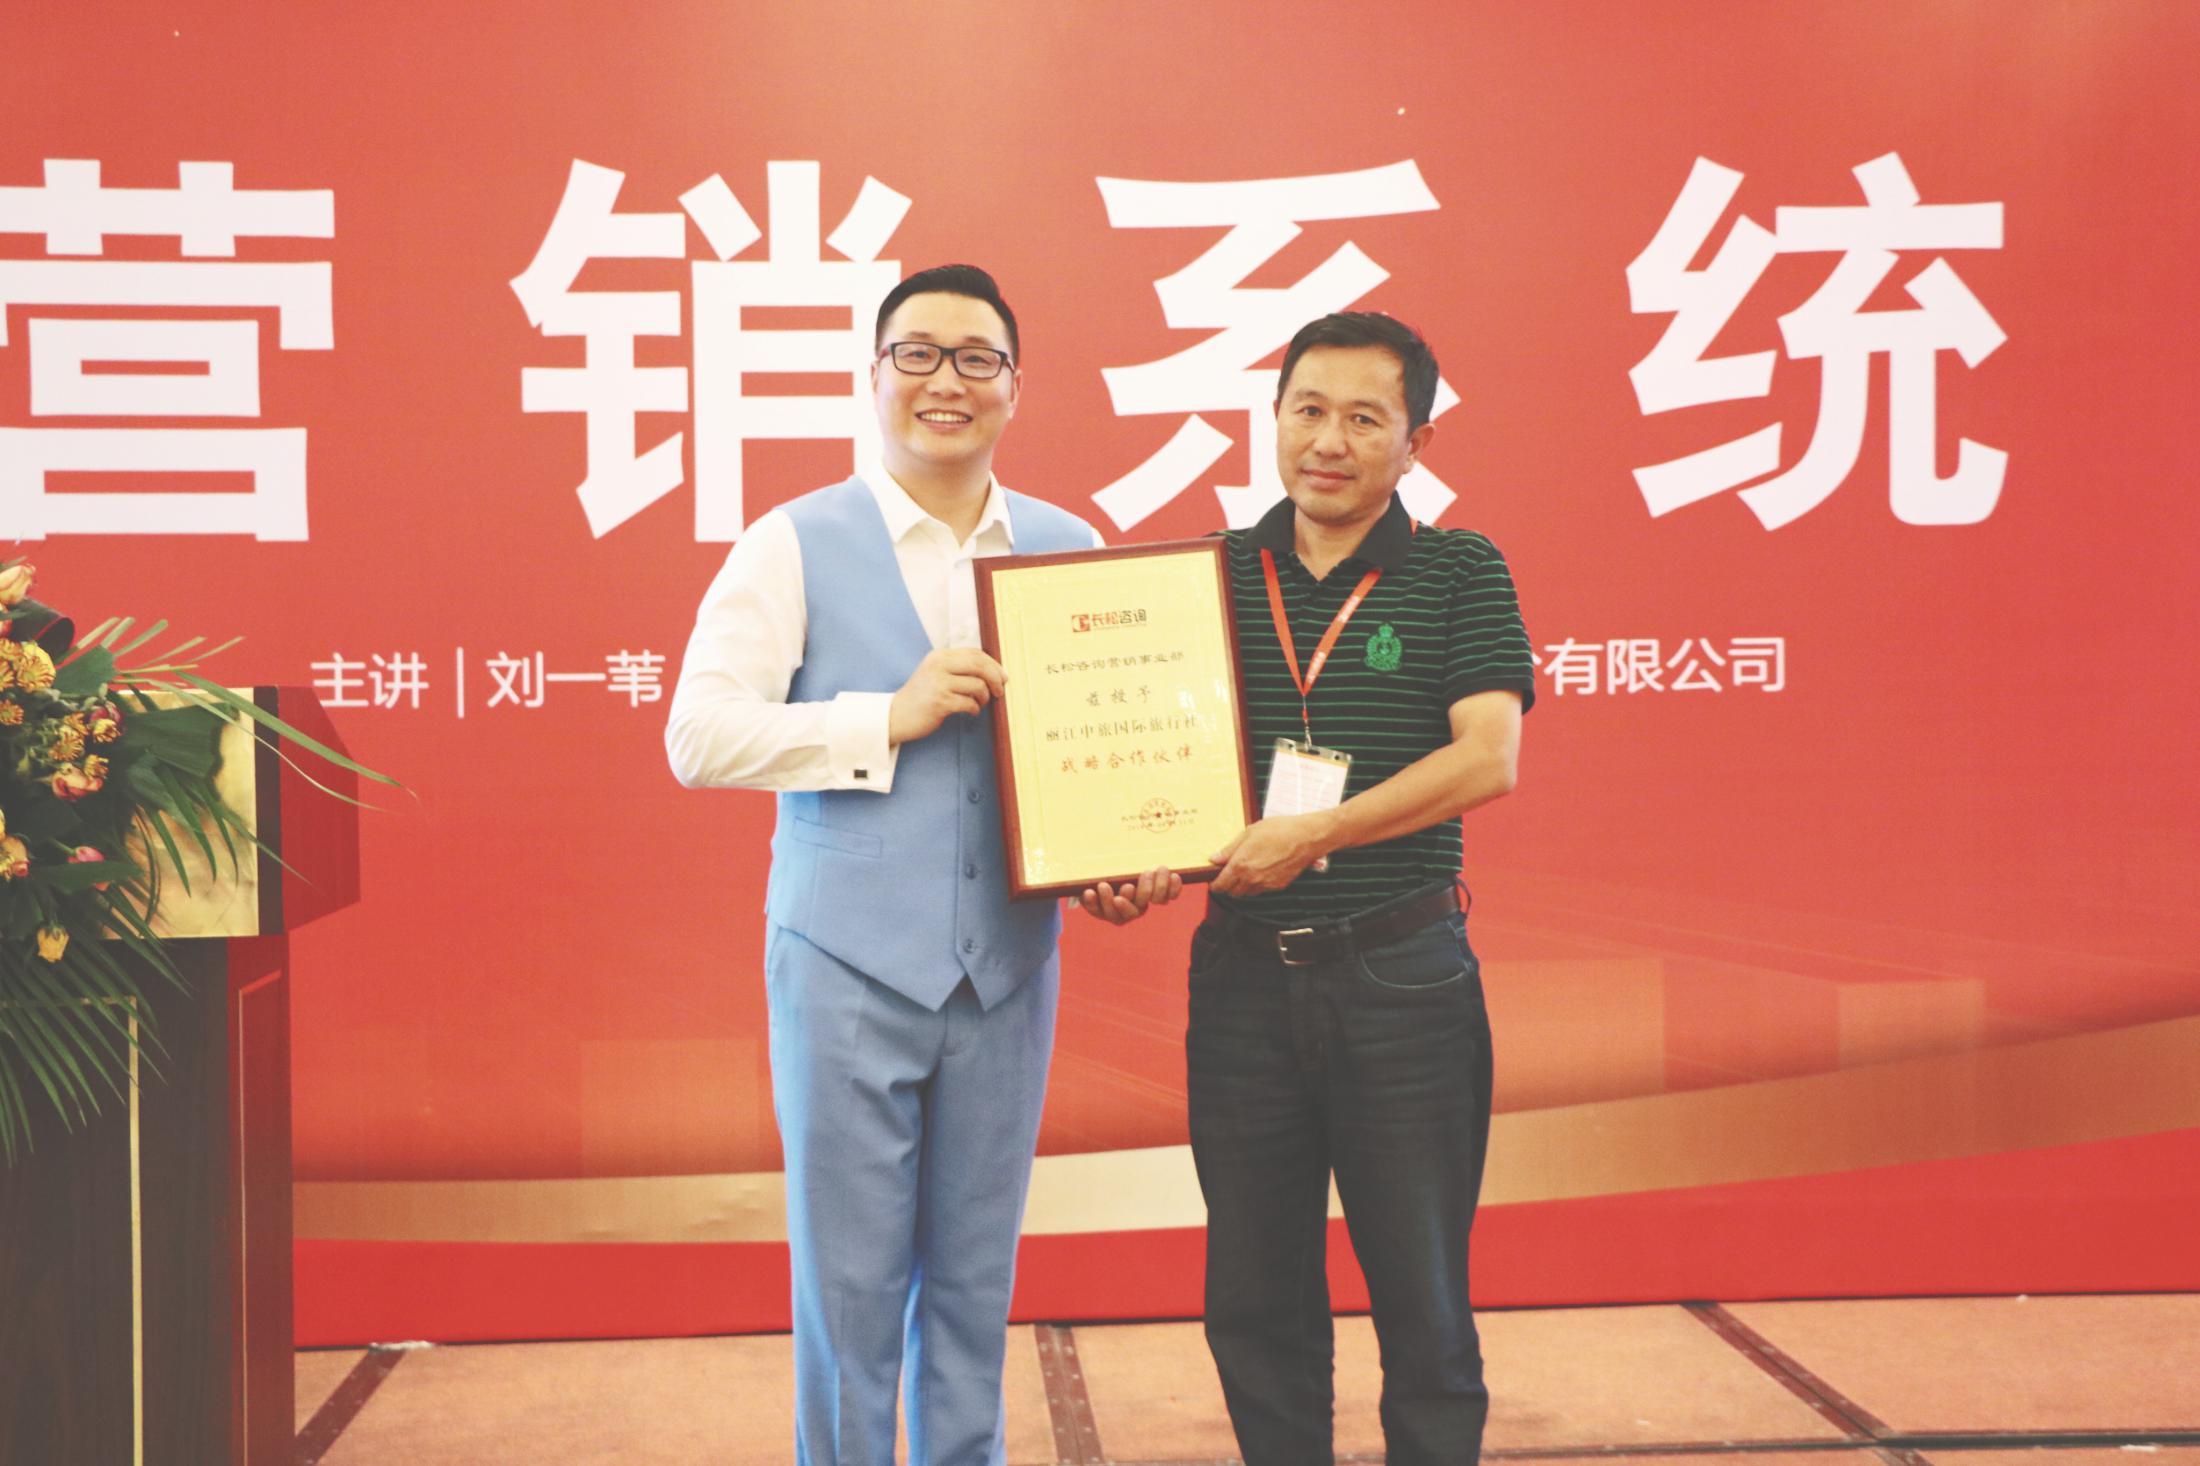 丽江中旅国际旅行社有限公司